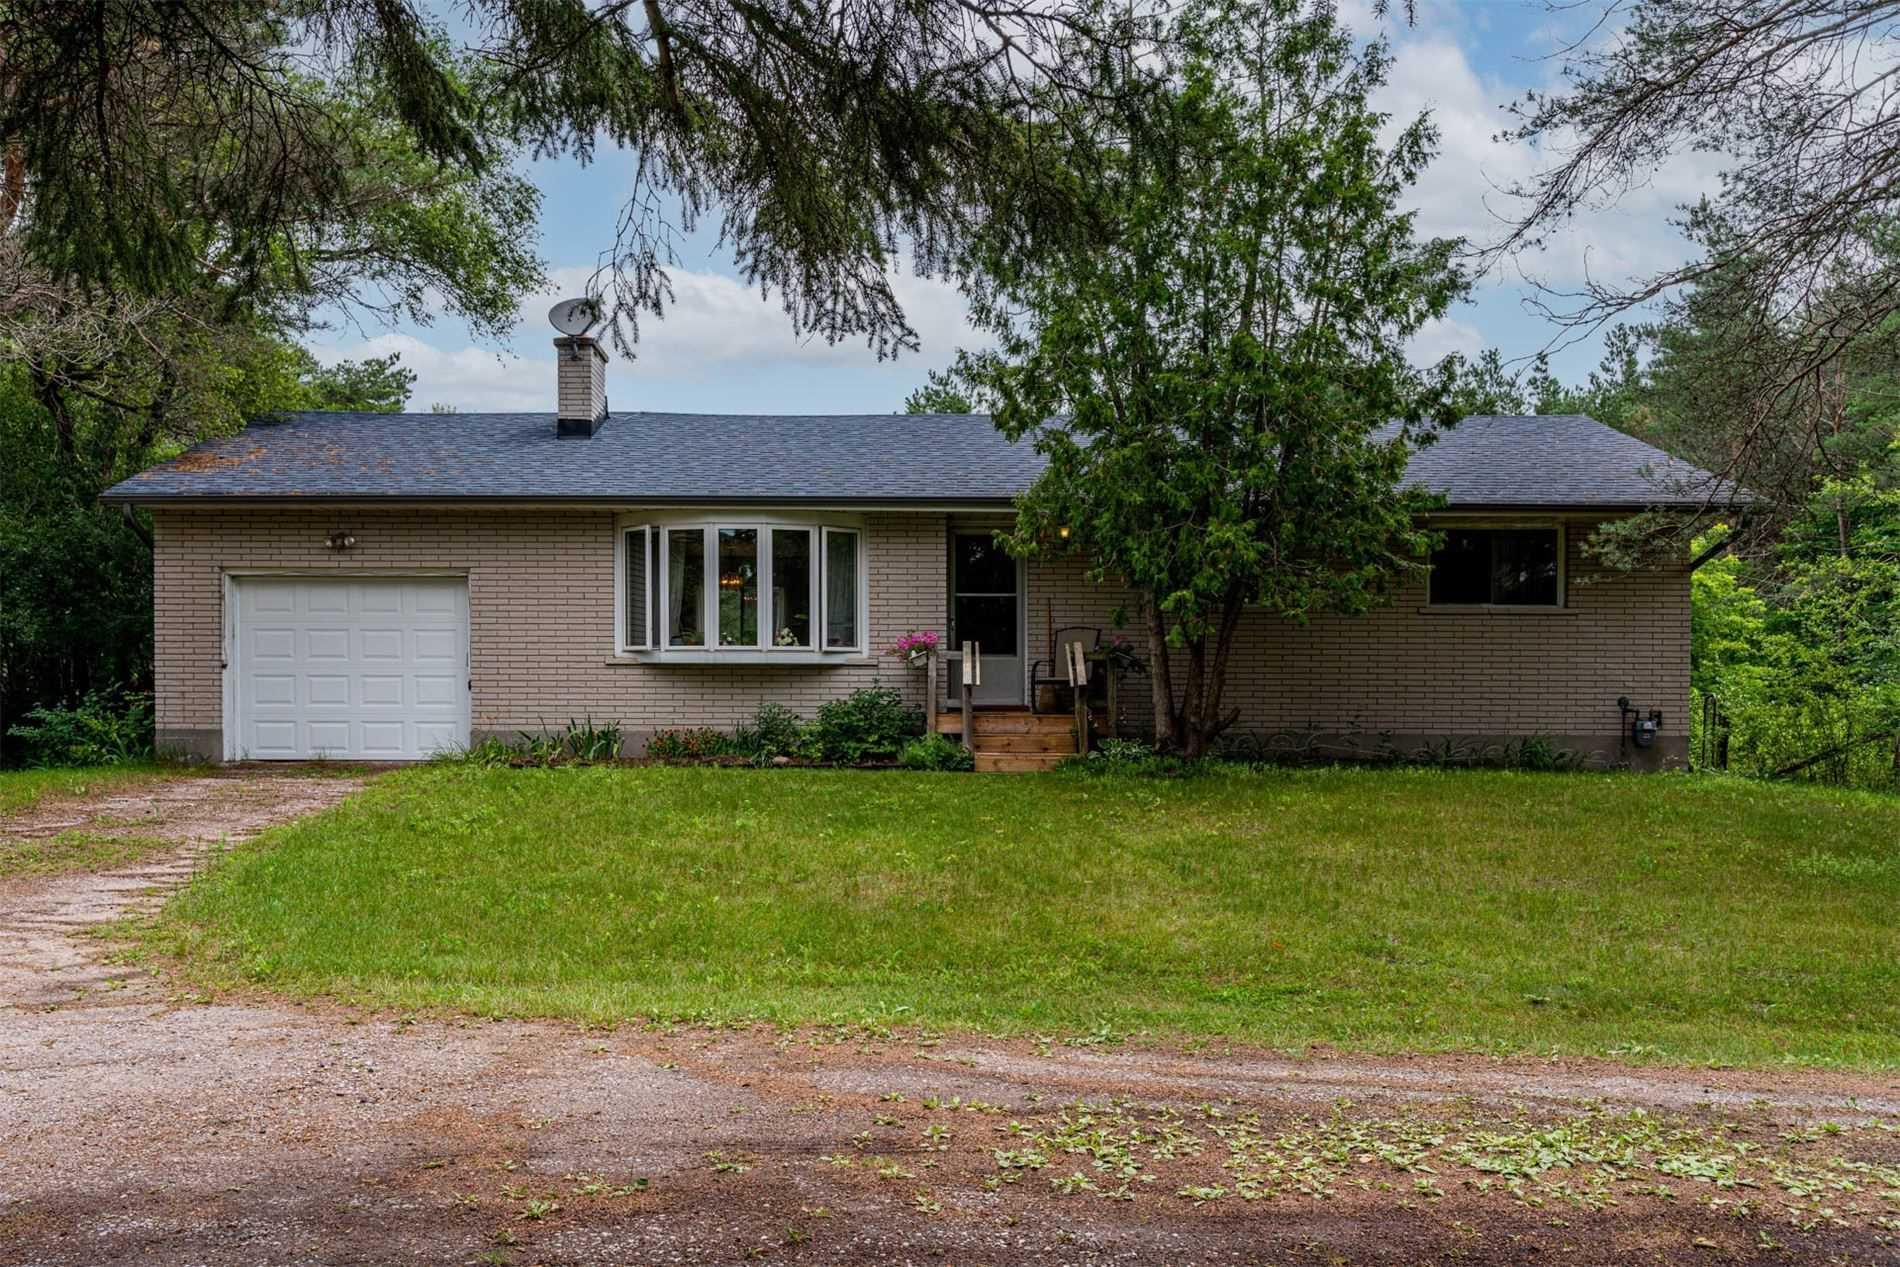 4189 Brock Rd - Uxbridge Detached for sale, 3 Bedrooms (N5311768) - #7